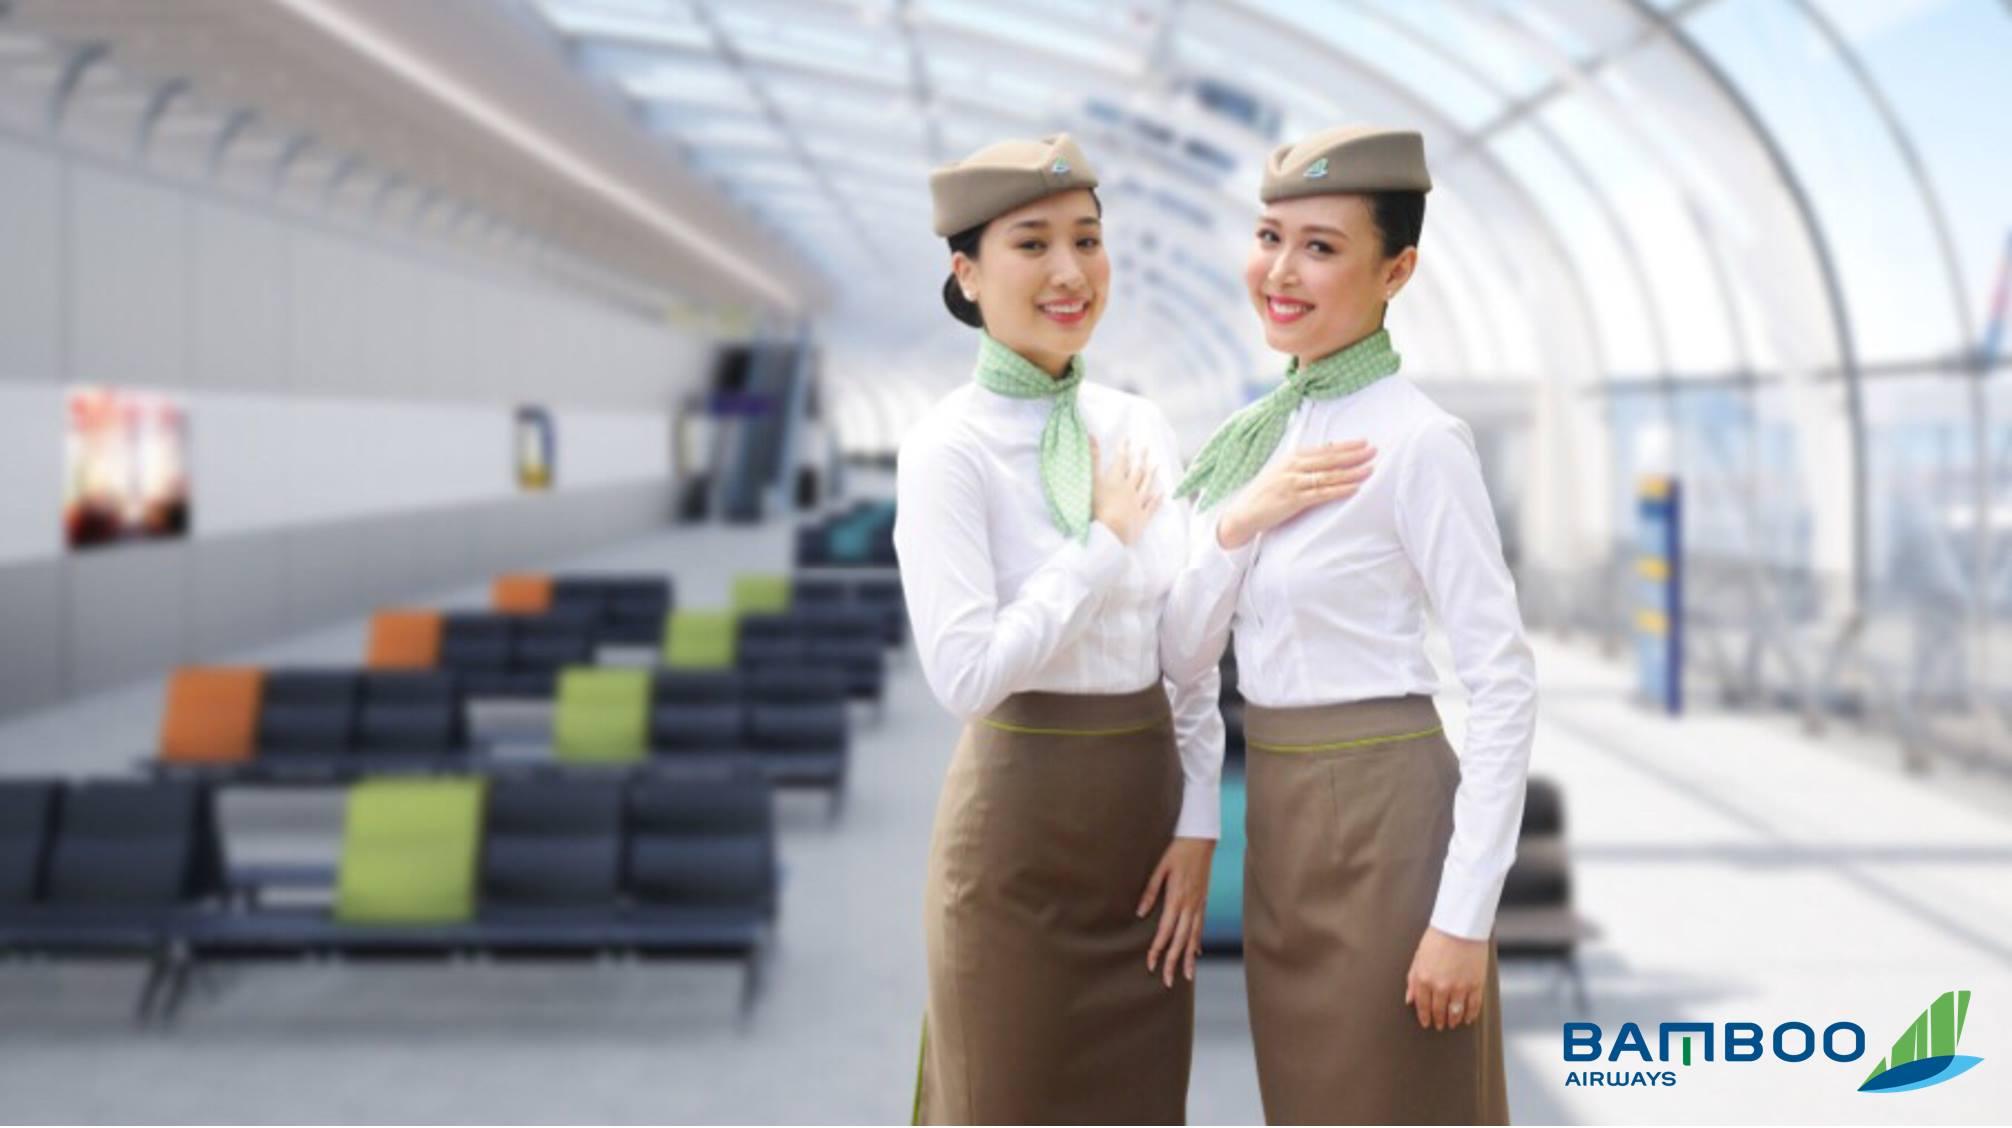 Từ cuối tháng 12, Bamboo Airways đã thực hiện liên tục các chuyến bay phi thương mại trên hầu hết các chặng bay trong nước như Hà Nội, Tp. Hồ Chí Minh, Đà Nẵng, Quy Nhơn, Phú Quốc, Buôn Mê Thuột…